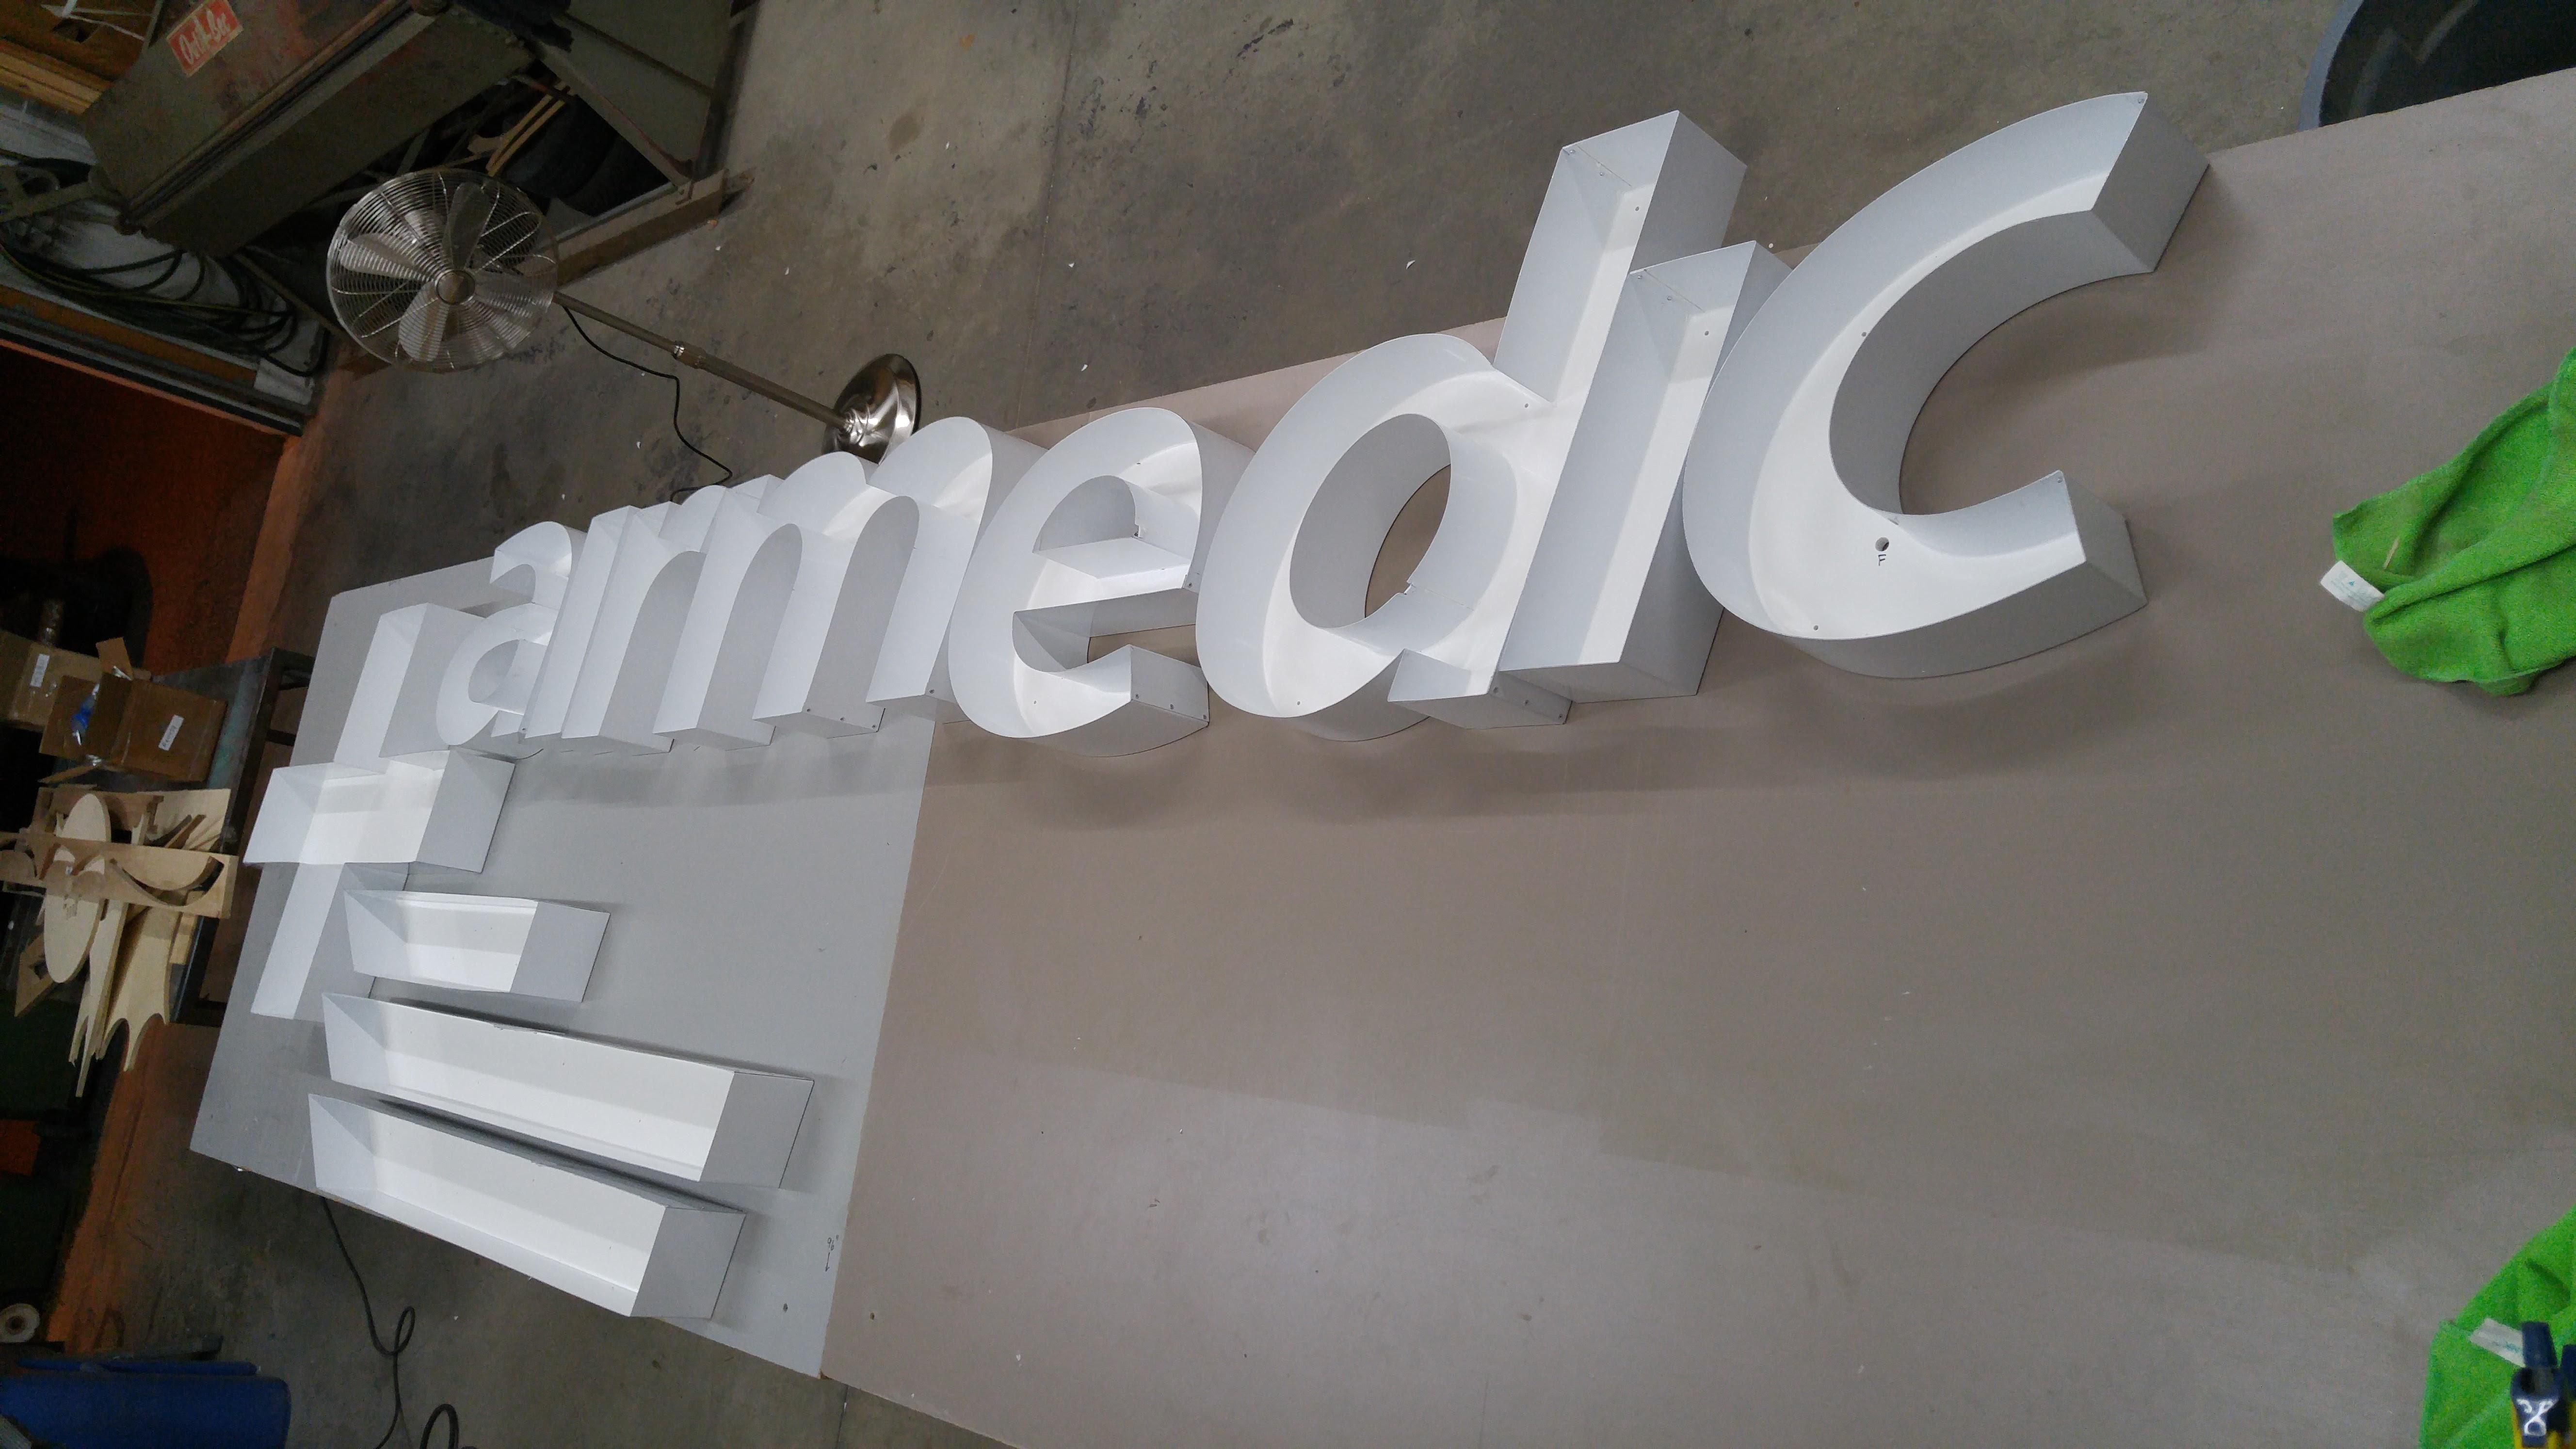 Channels Mediacal